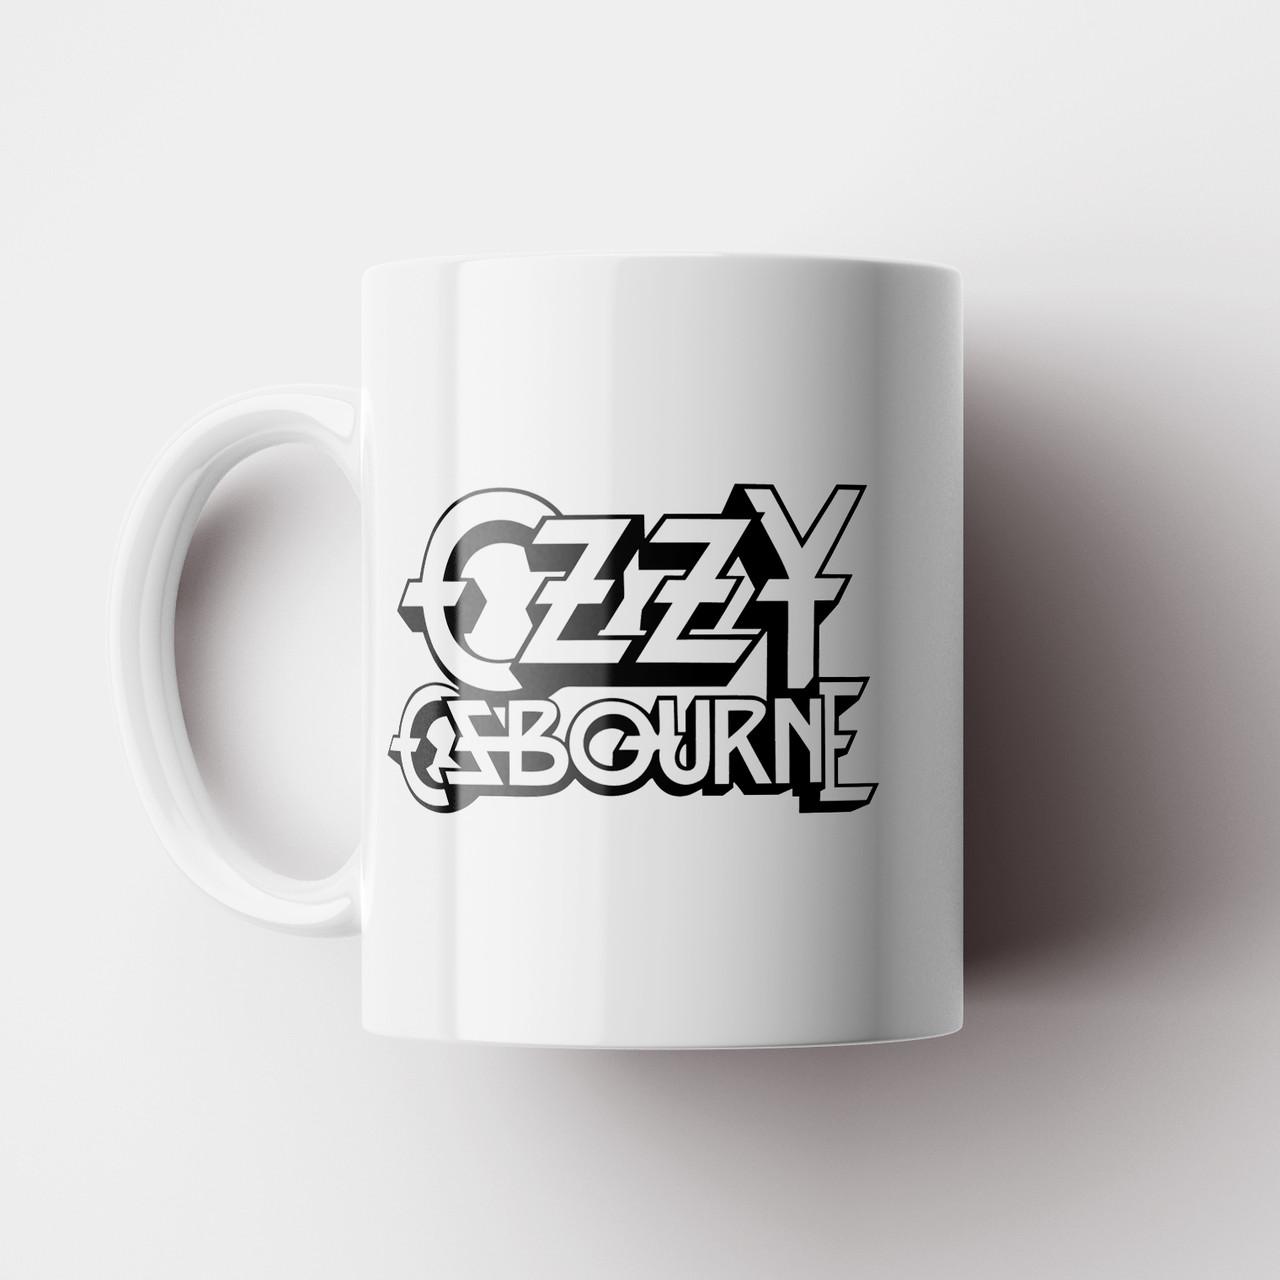 Чашка Ozzy Osbourne. Музыка. Чашка с фото